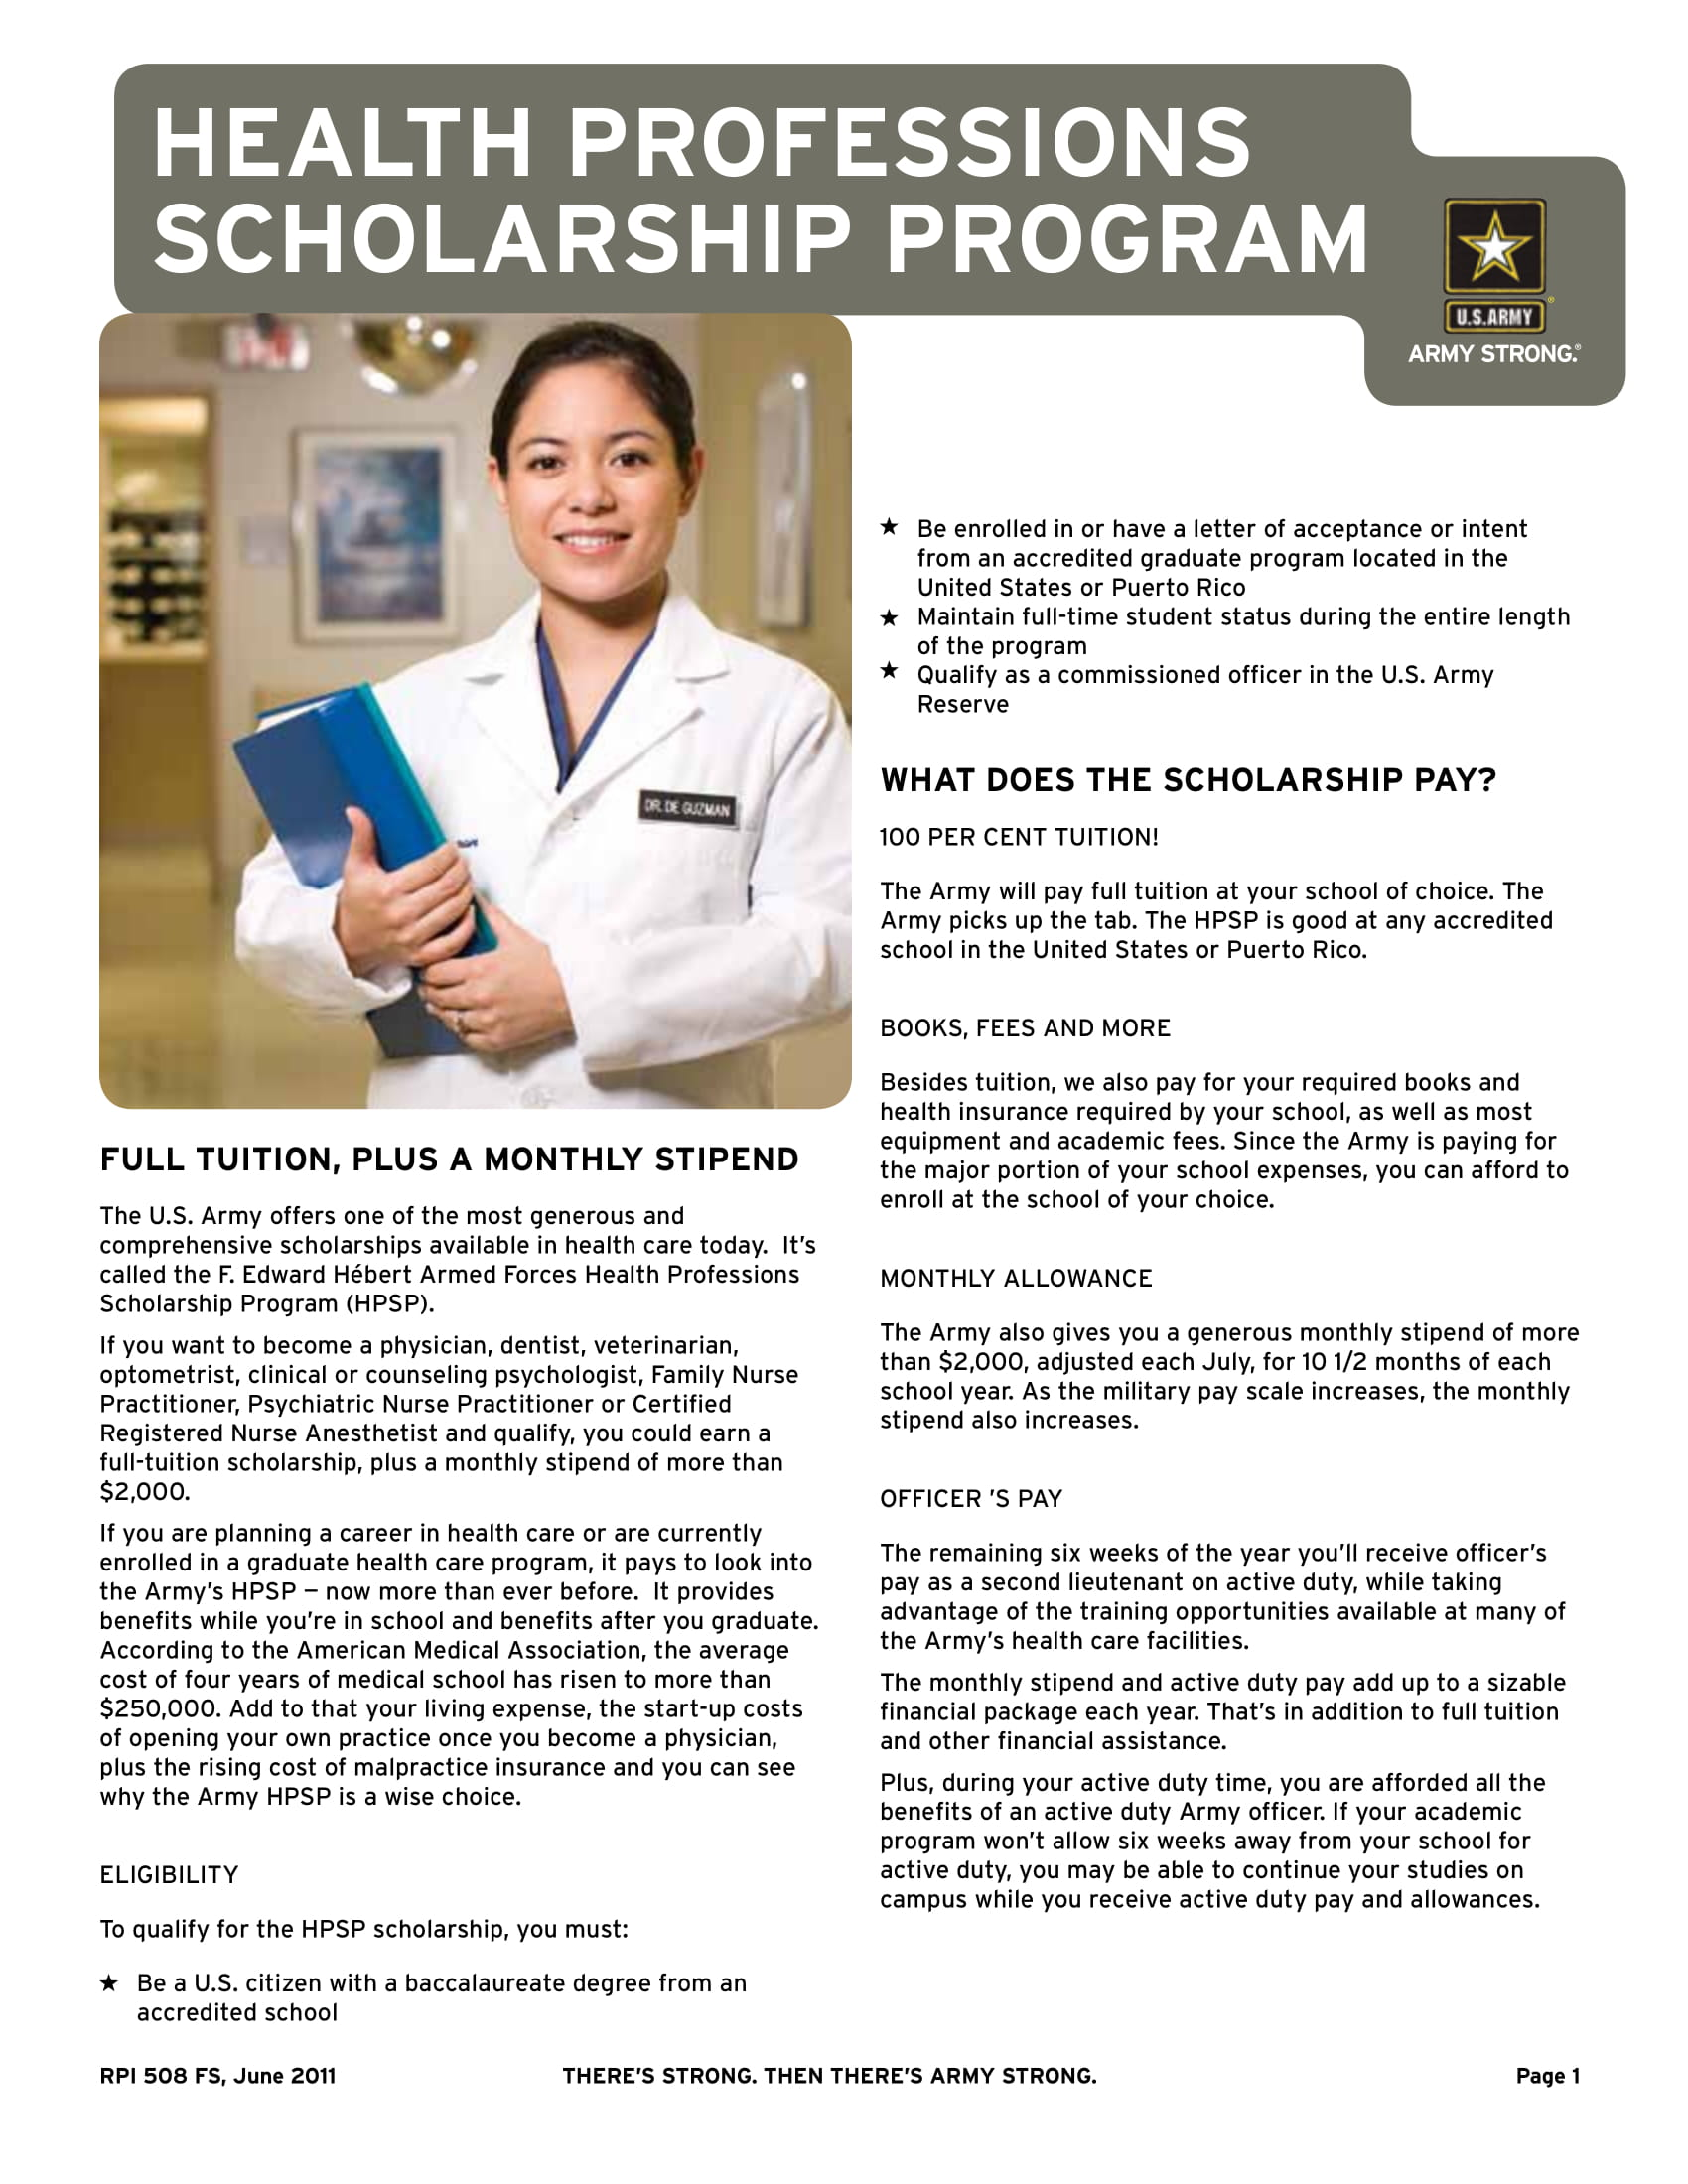 [U.S. Army Health Care Recruiting]